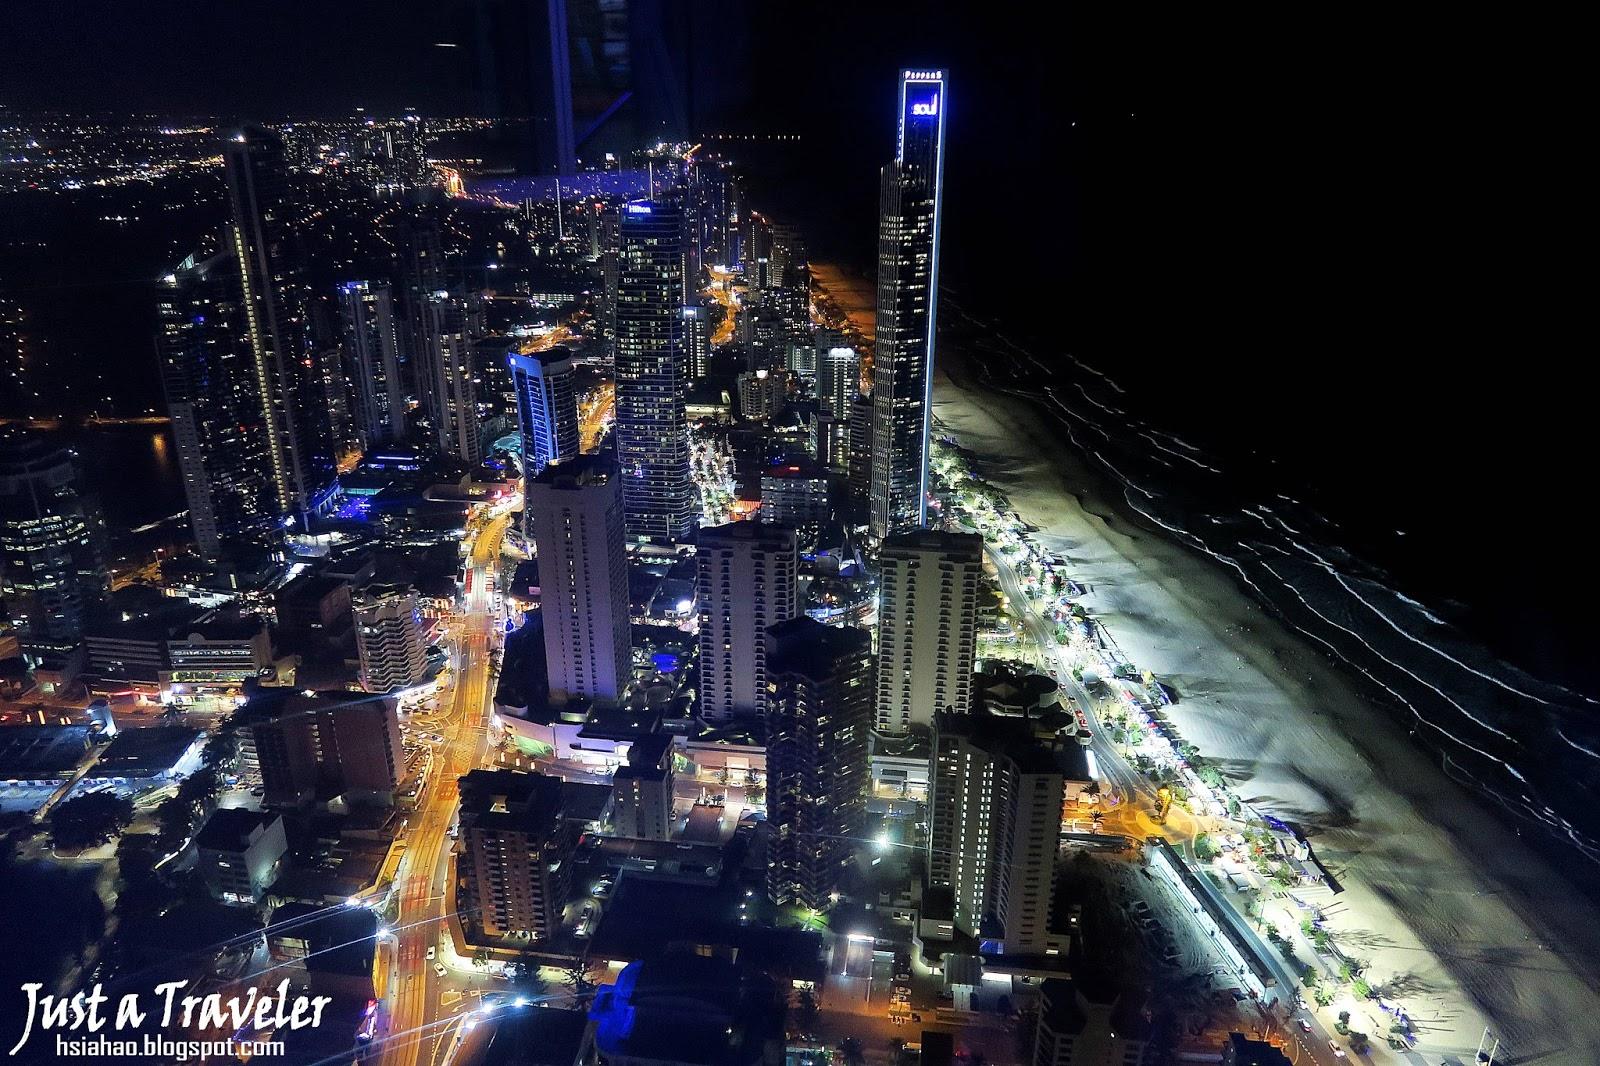 黃金海岸-景點-推薦-Q1大廈觀景台-Sky-Point-夜景-套票-旅遊-自由行-澳洲-Gold-Coast-theme-park-Australia